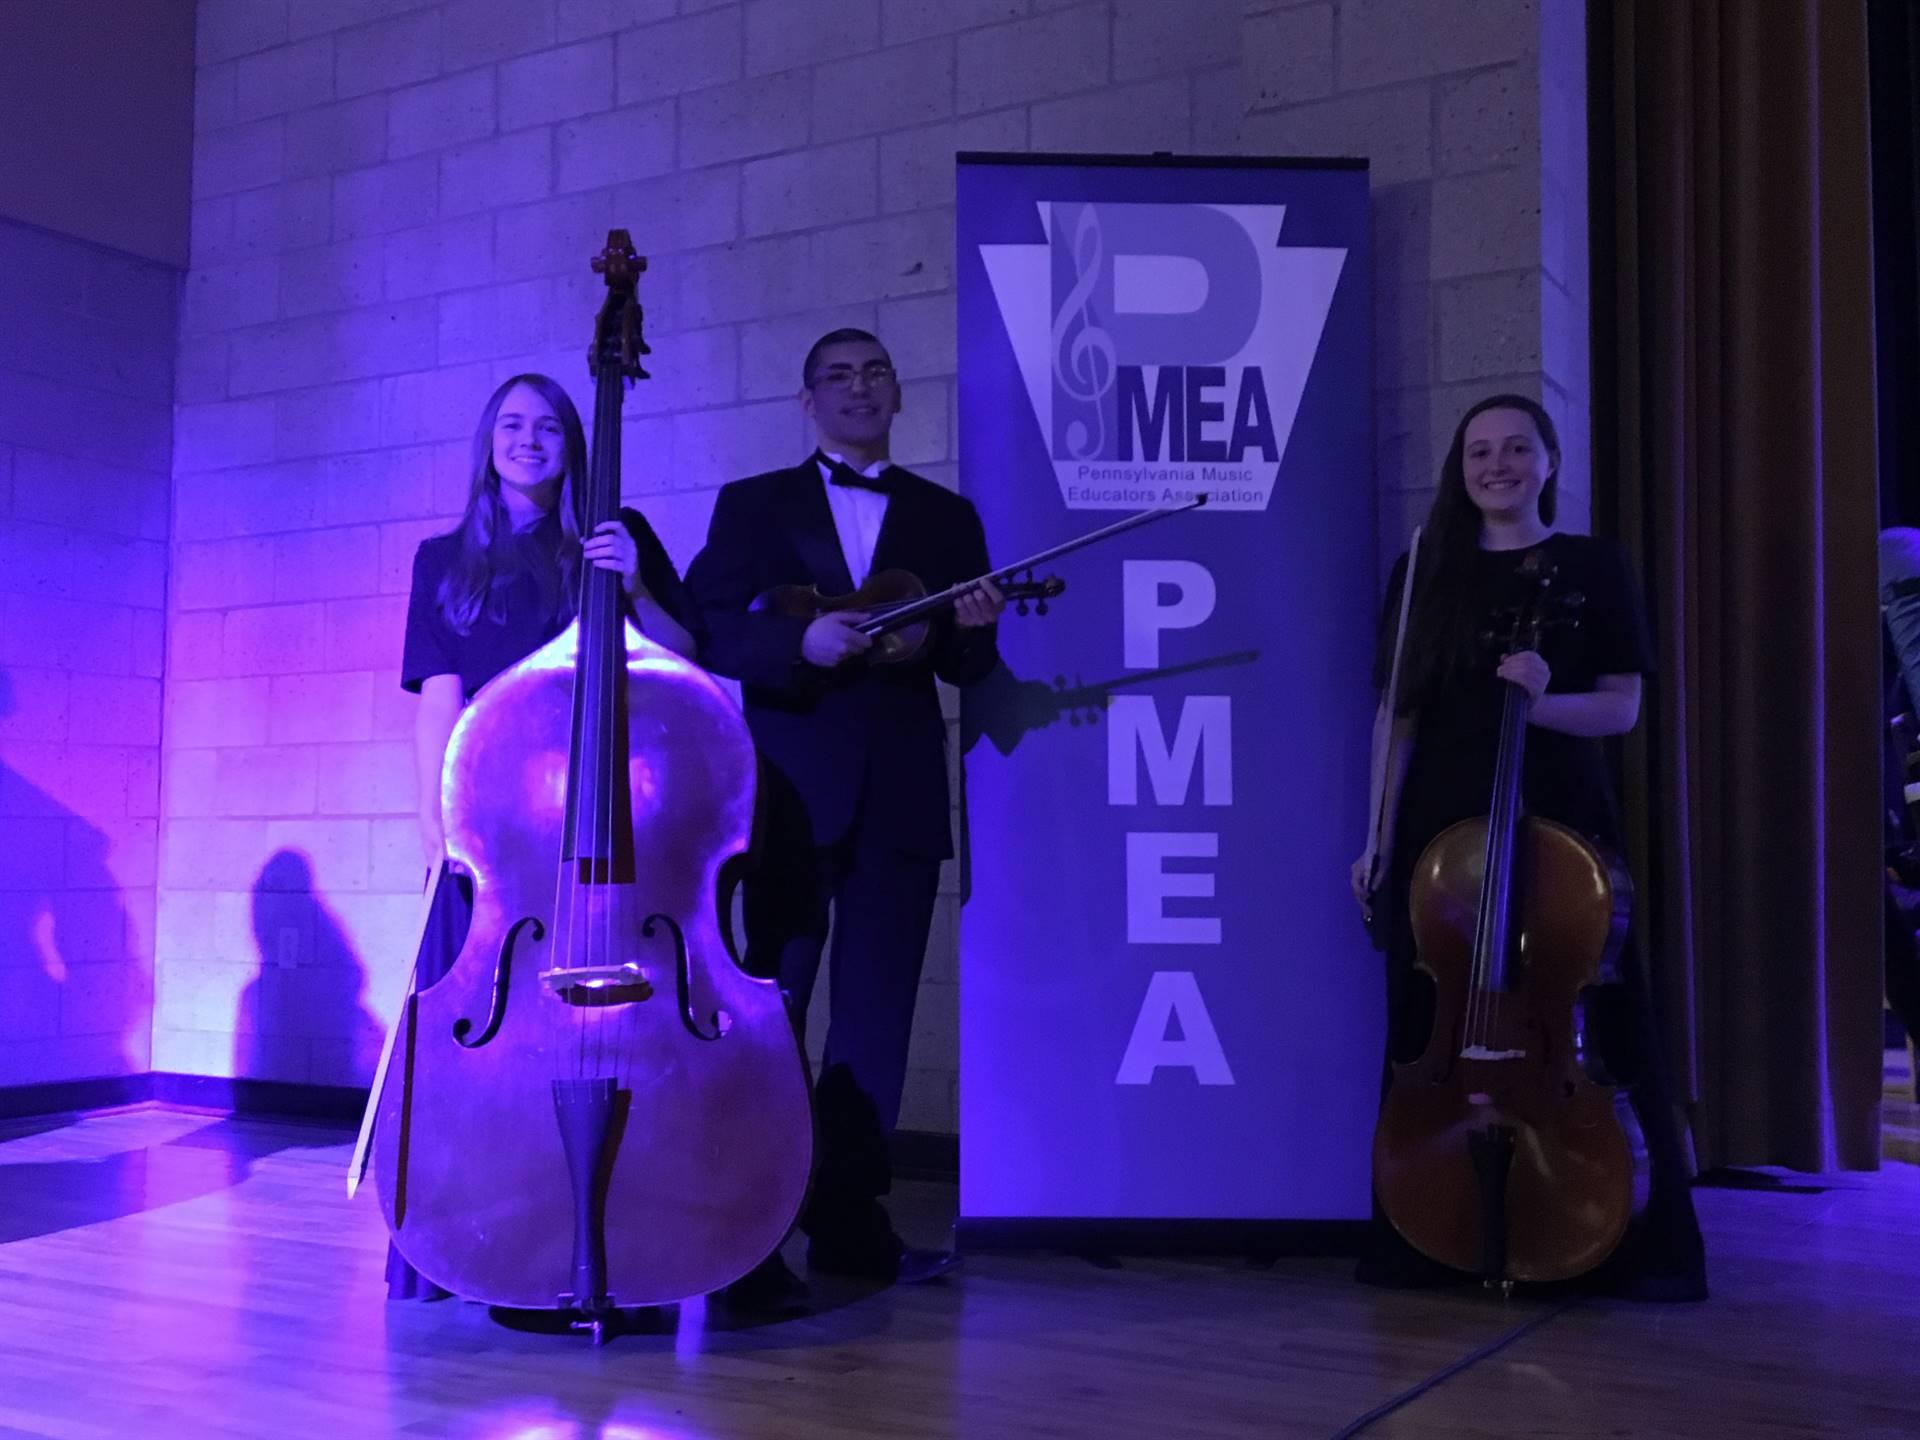 PMEA District Orchestra